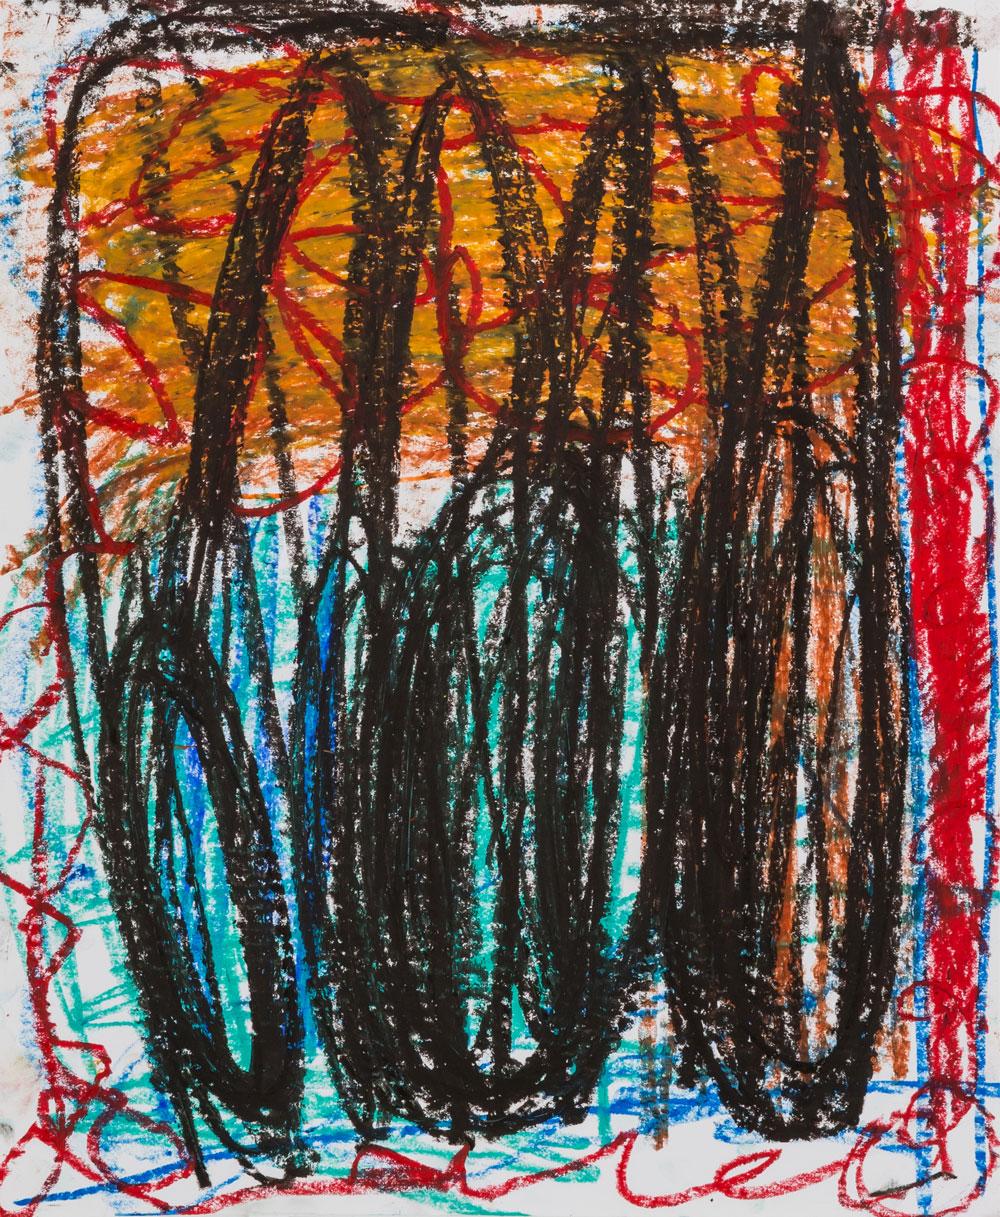 Three Kings II  , oil pastel on paper, 17x14 in. ©Denise Gale 2016